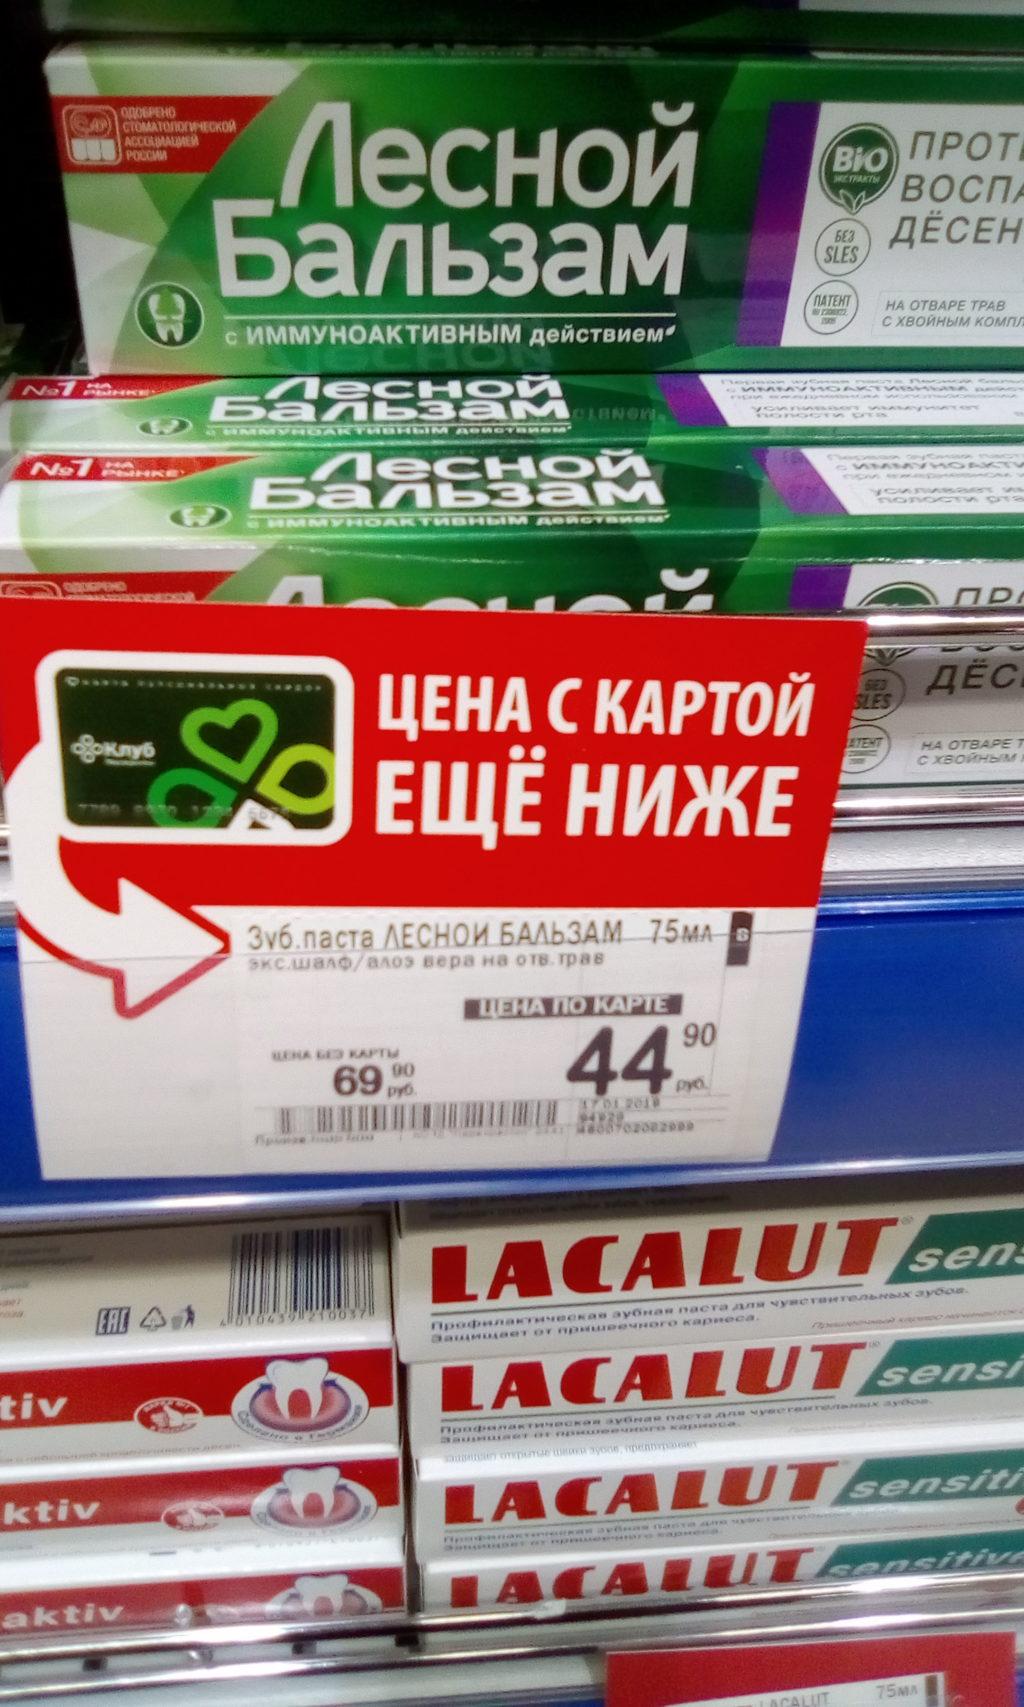 Акции на продукты